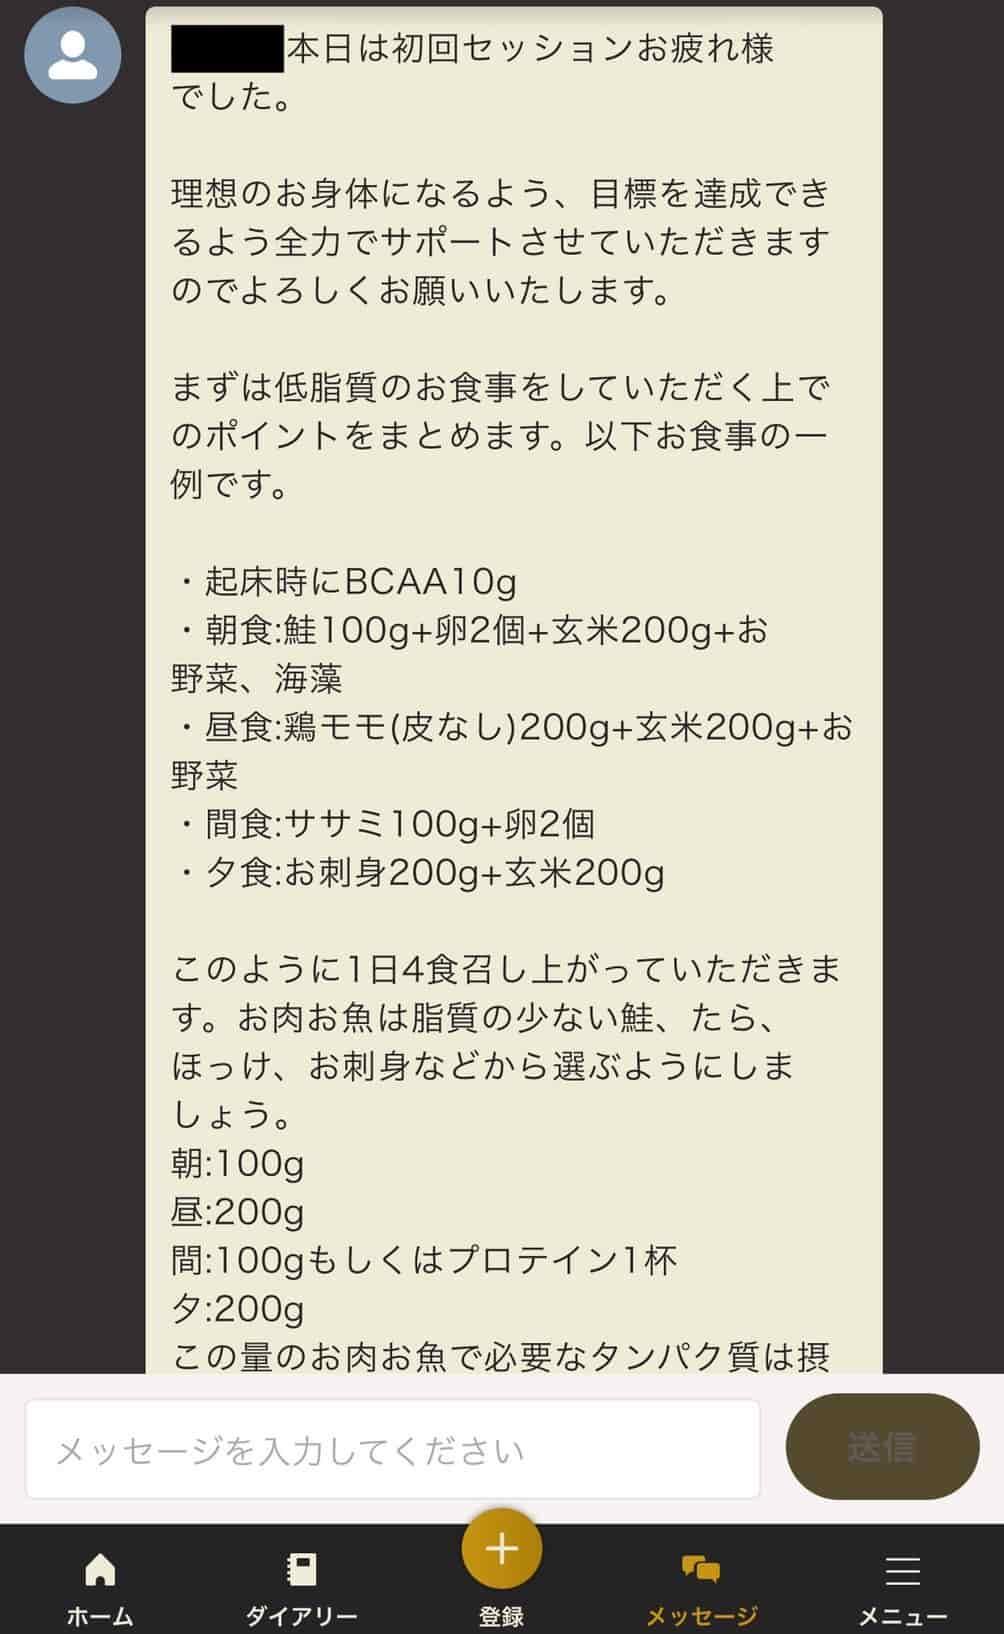 ライザップ初回 (1)